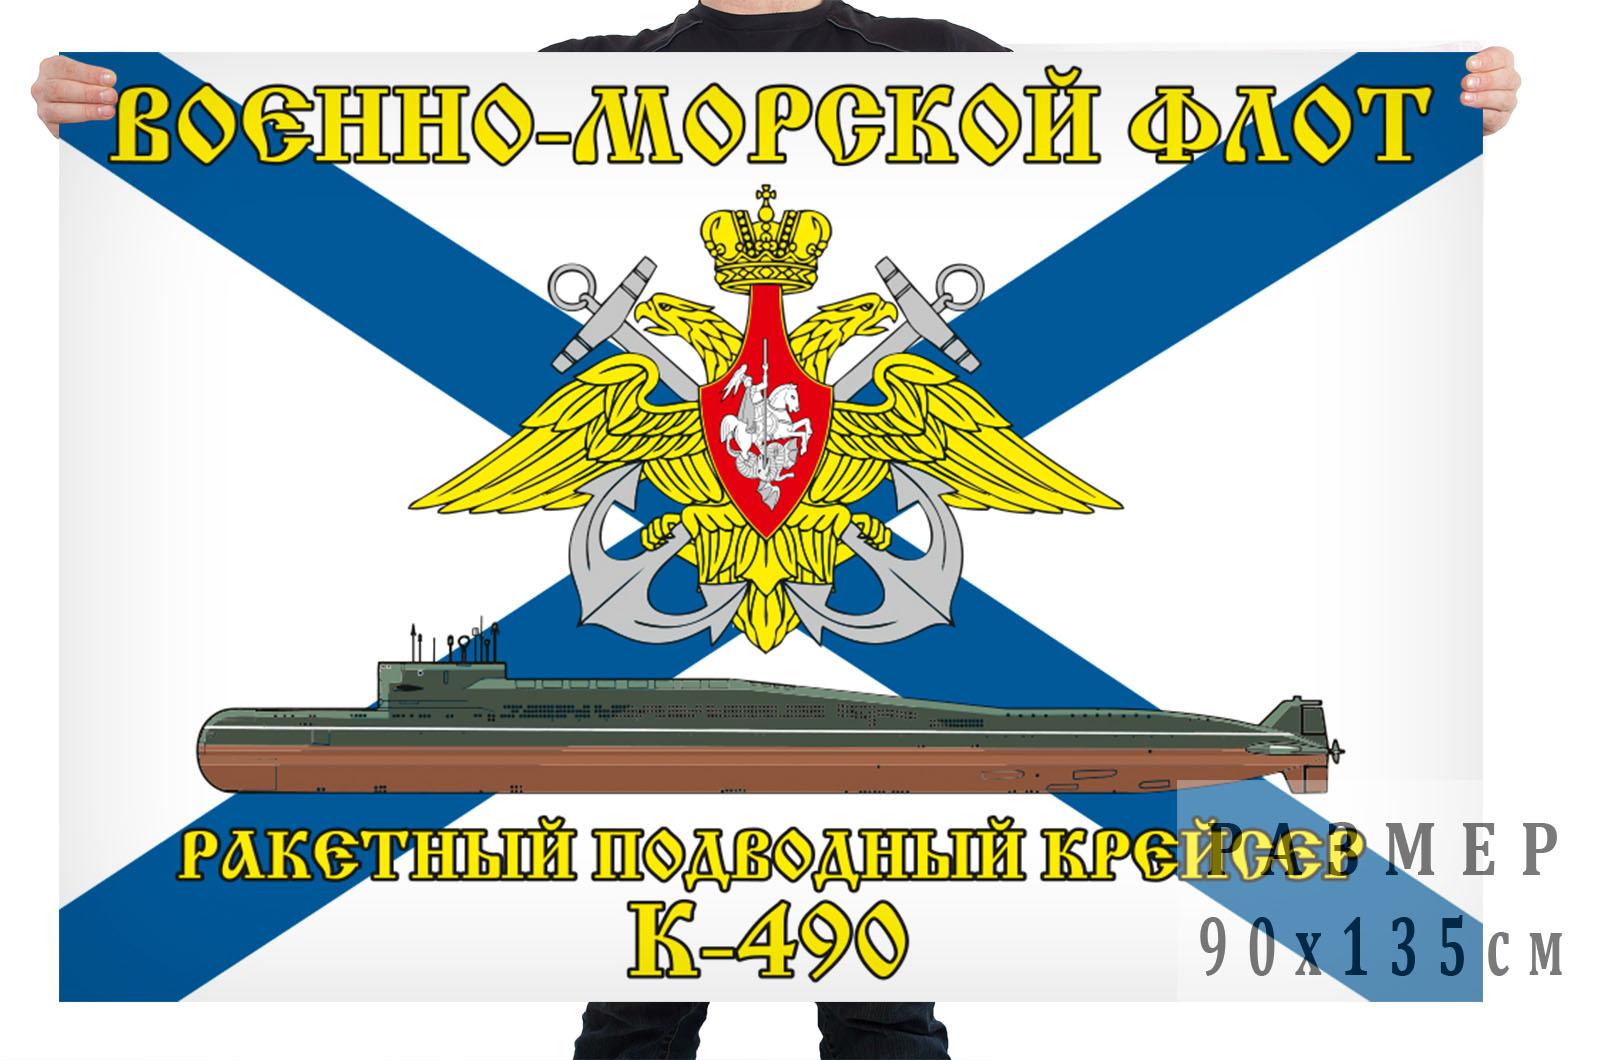 Флаг ракетного подводного крейсера К-490